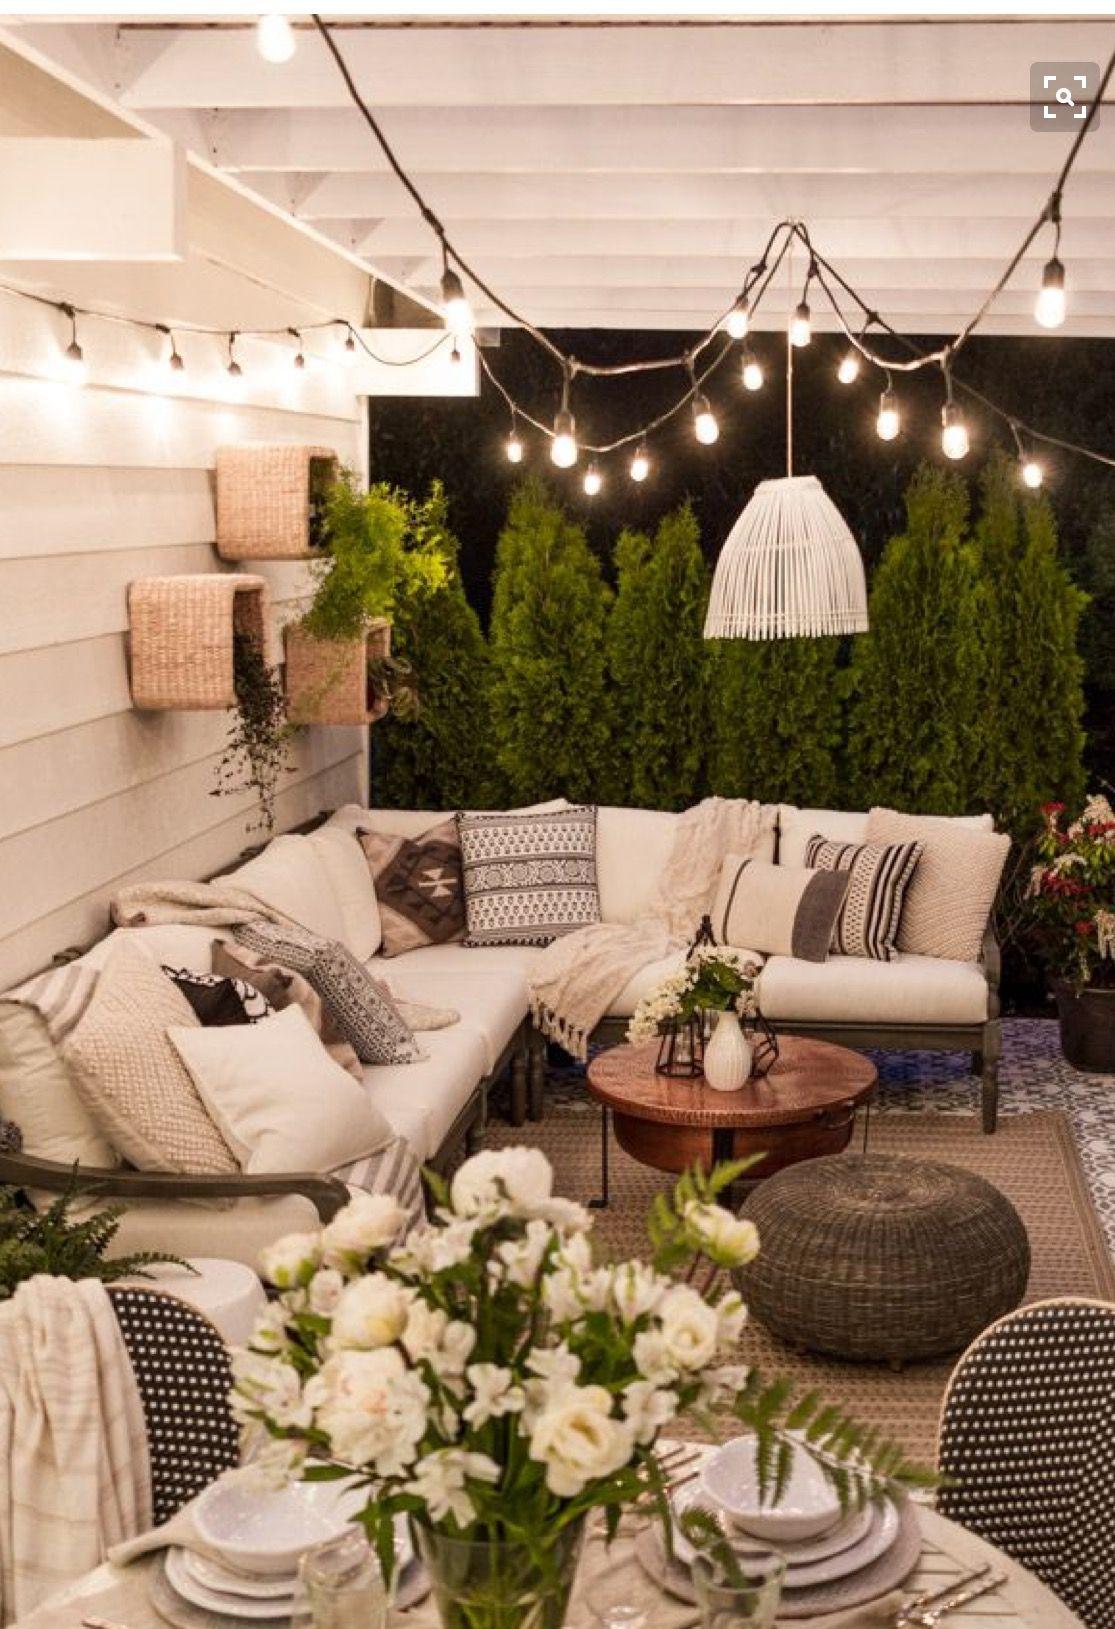 Baskets on wall. | Räume | Pinterest | Balkon, Gärten und Wohnideen